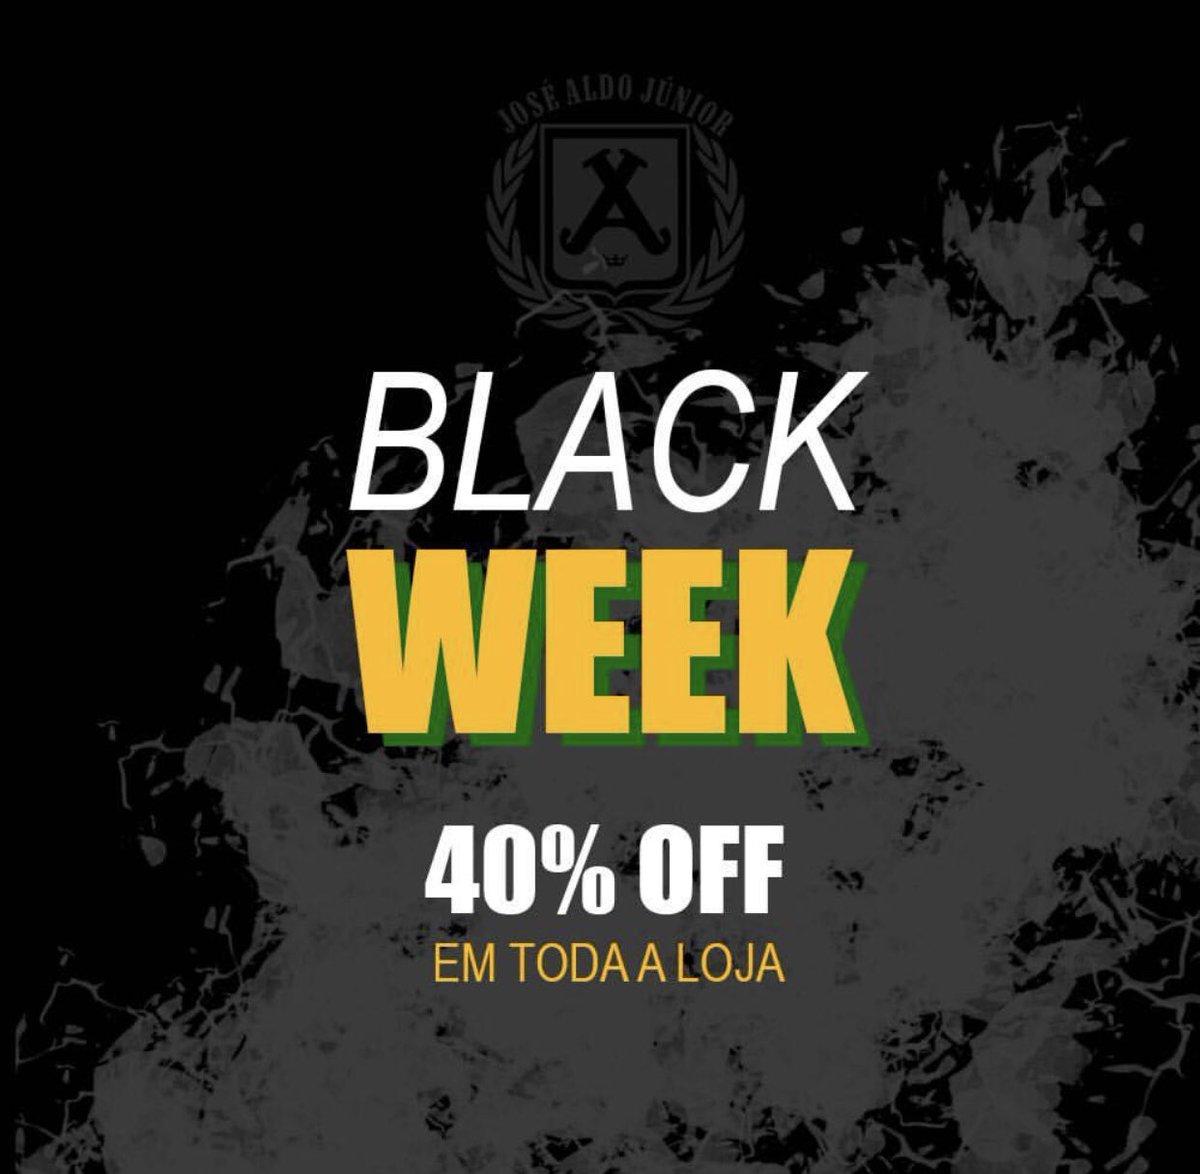 Do dia 19 a 26 de novembro #blackweek toda a loja. Acesse: http://josealdo.com.br